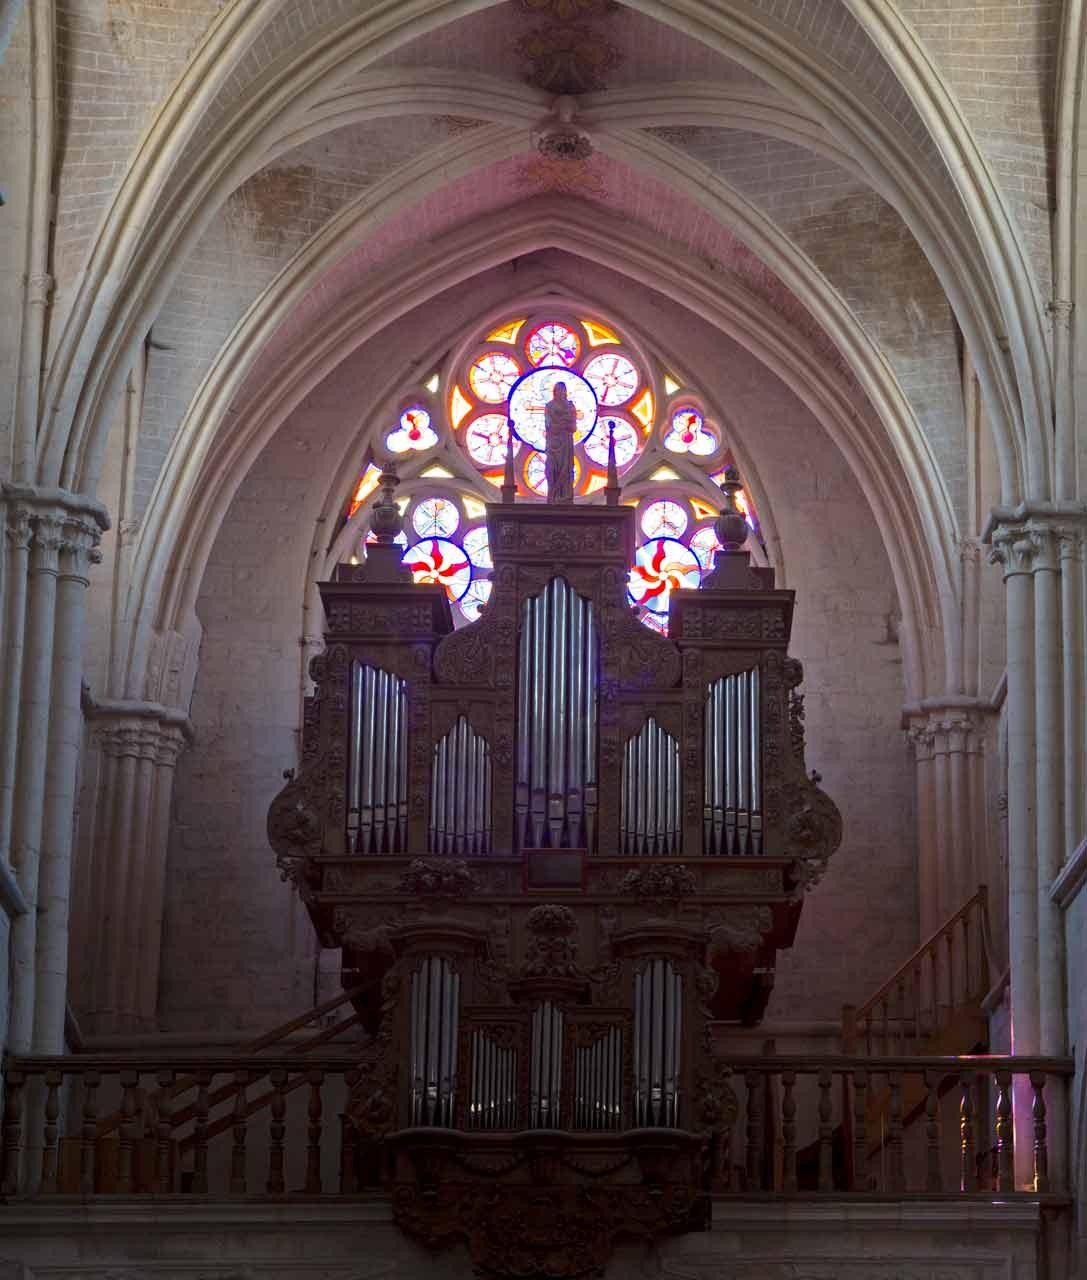 L'église Notre Dame, Auxonne/France (13th century)